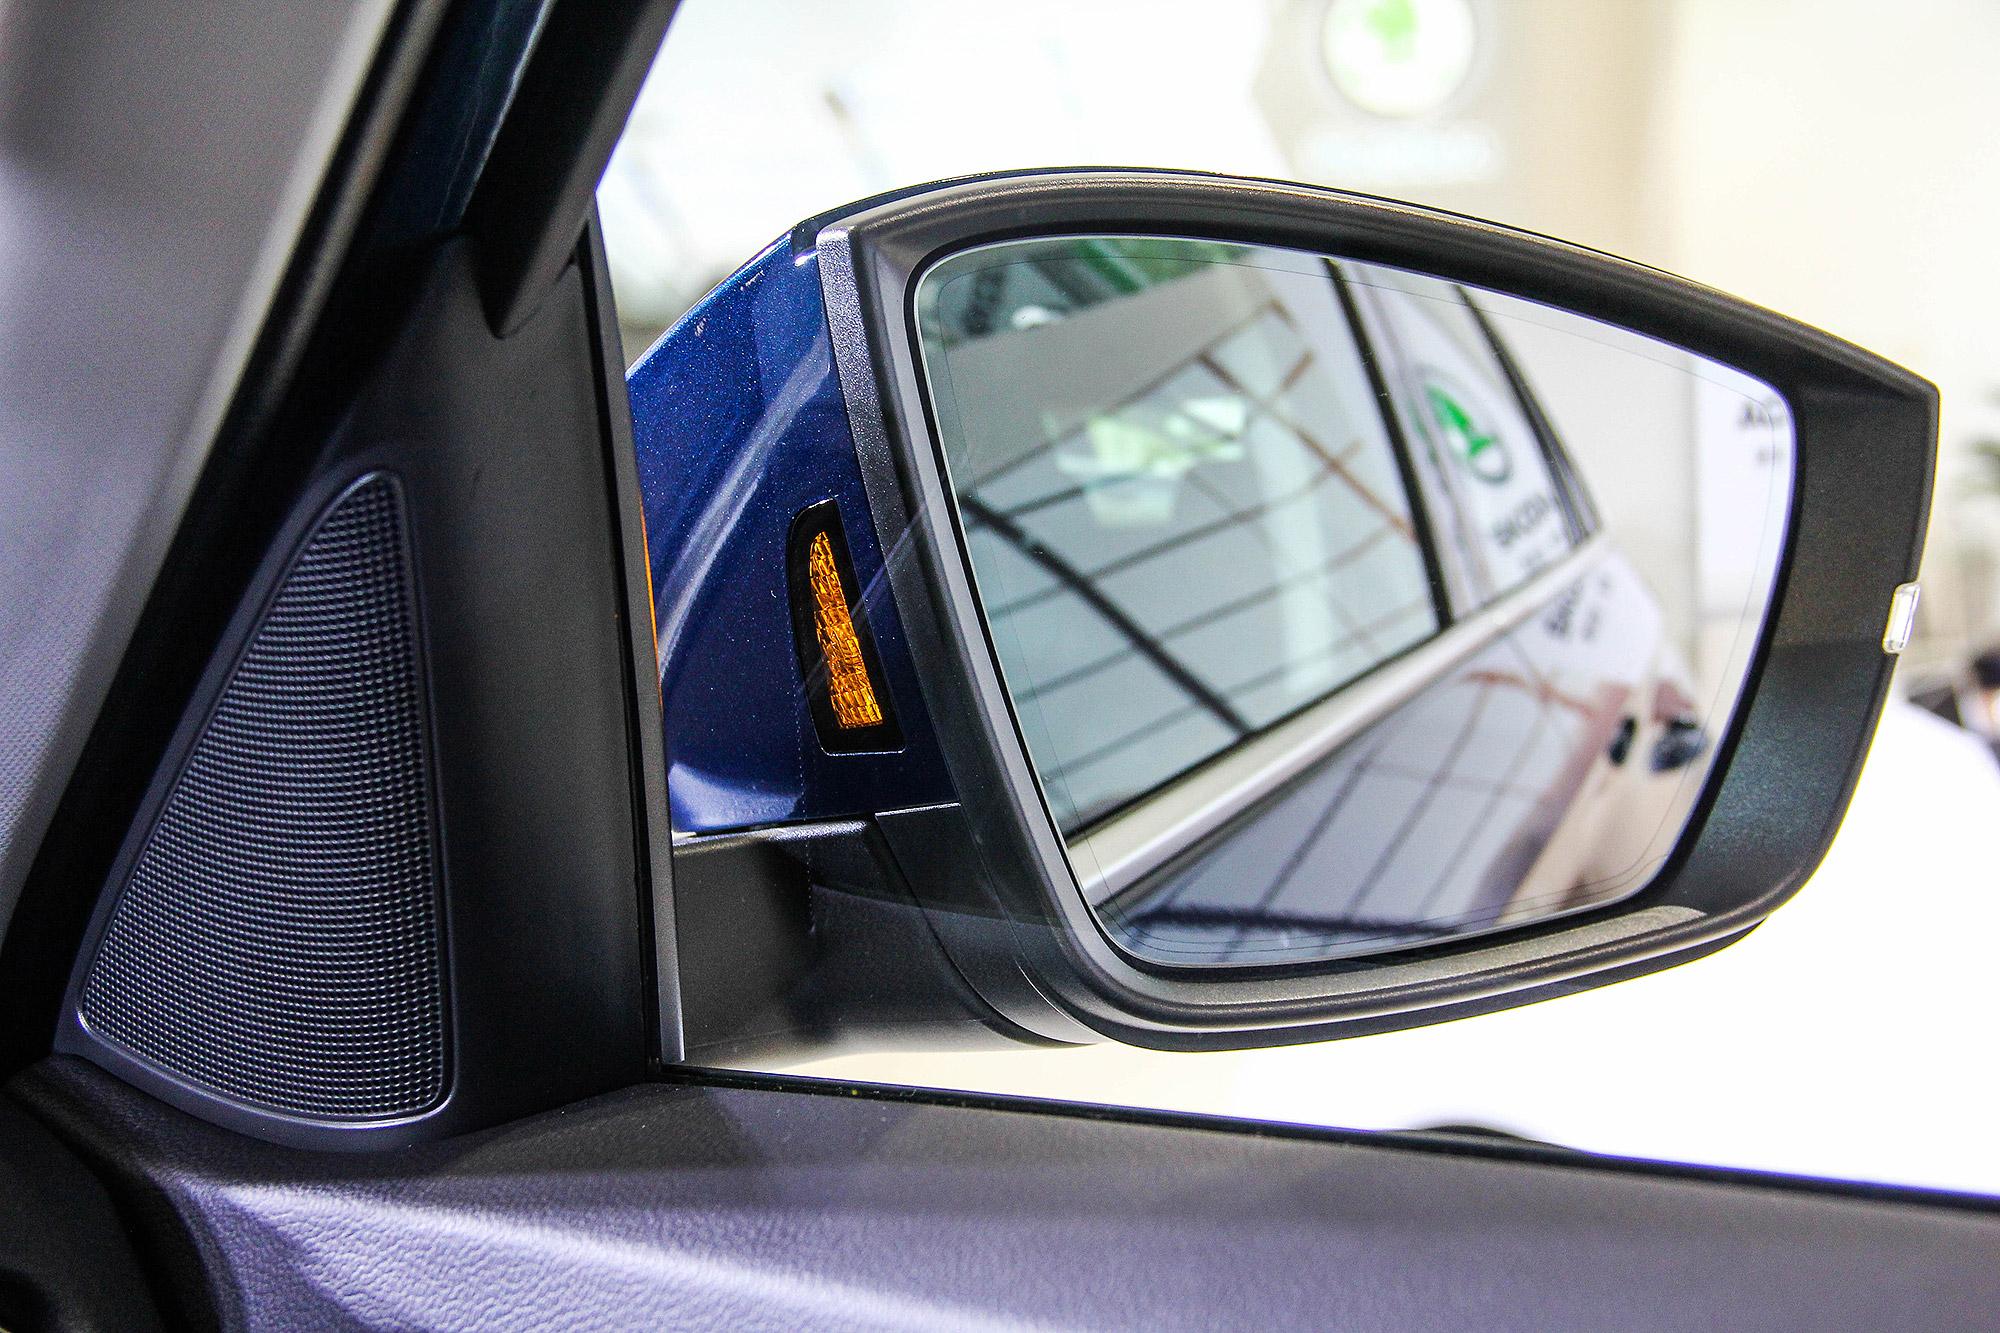 2020 年式 Kodiaq 升級配備 Side Assist 車側碰撞預警系統。